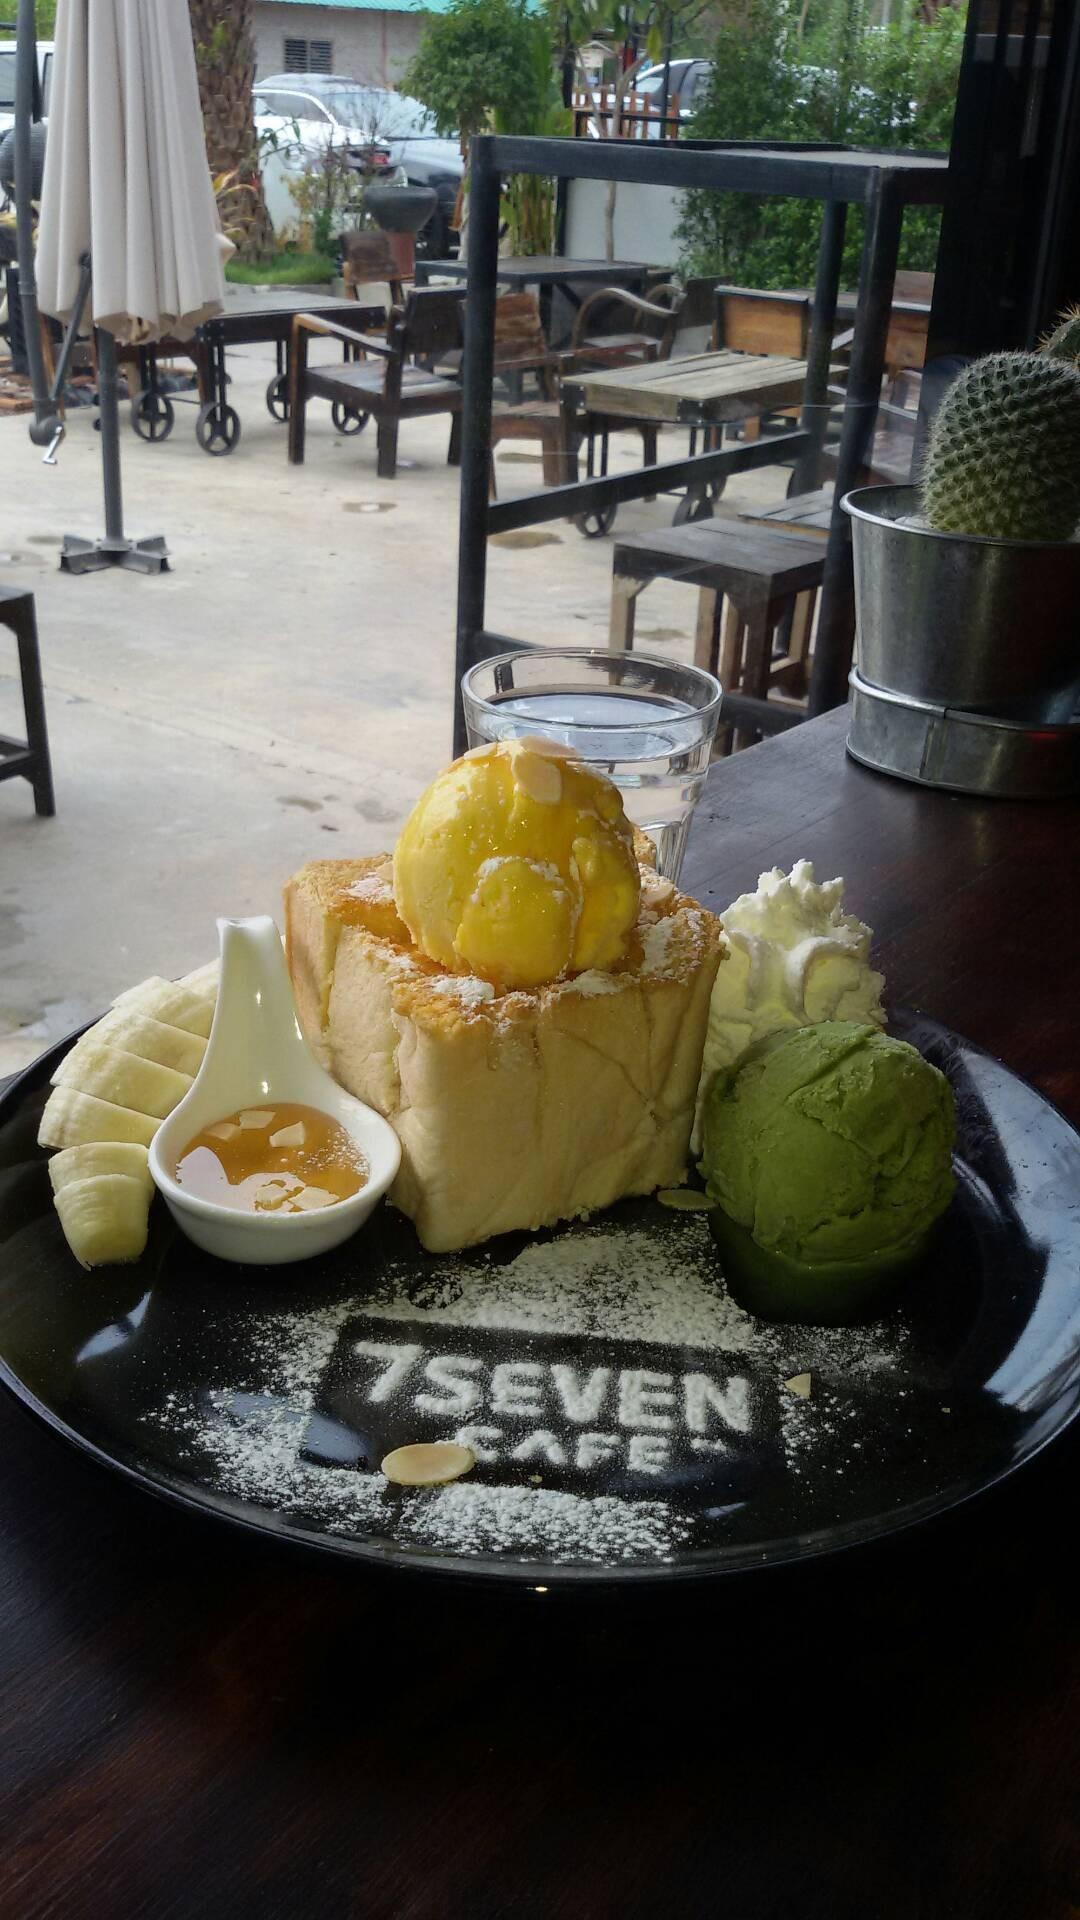 7 Seven Cafe'